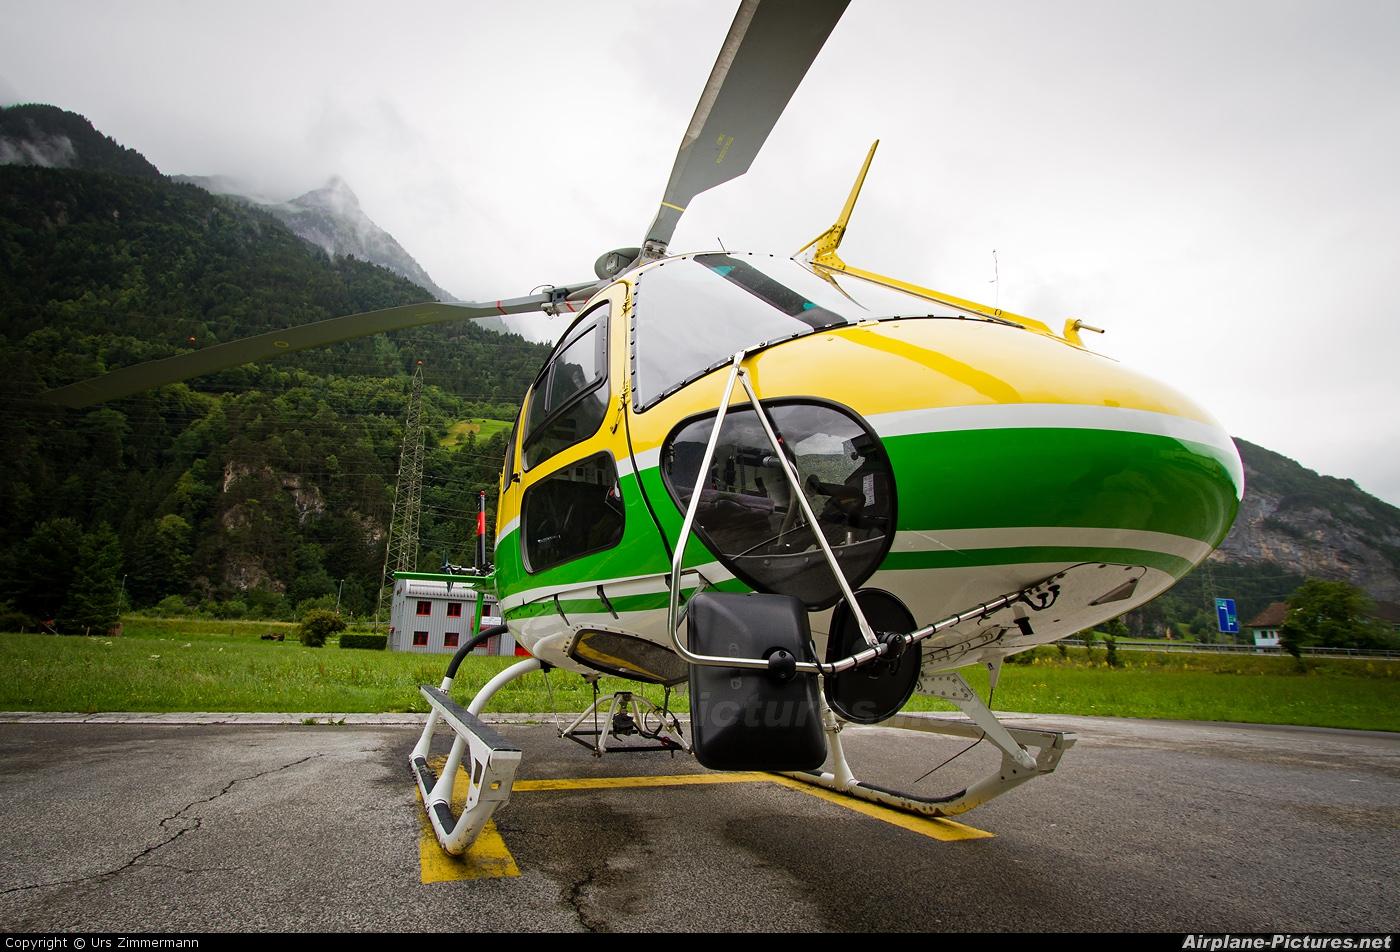 Heli Gotthard HB-ZHA aircraft at Erstfeld heliport